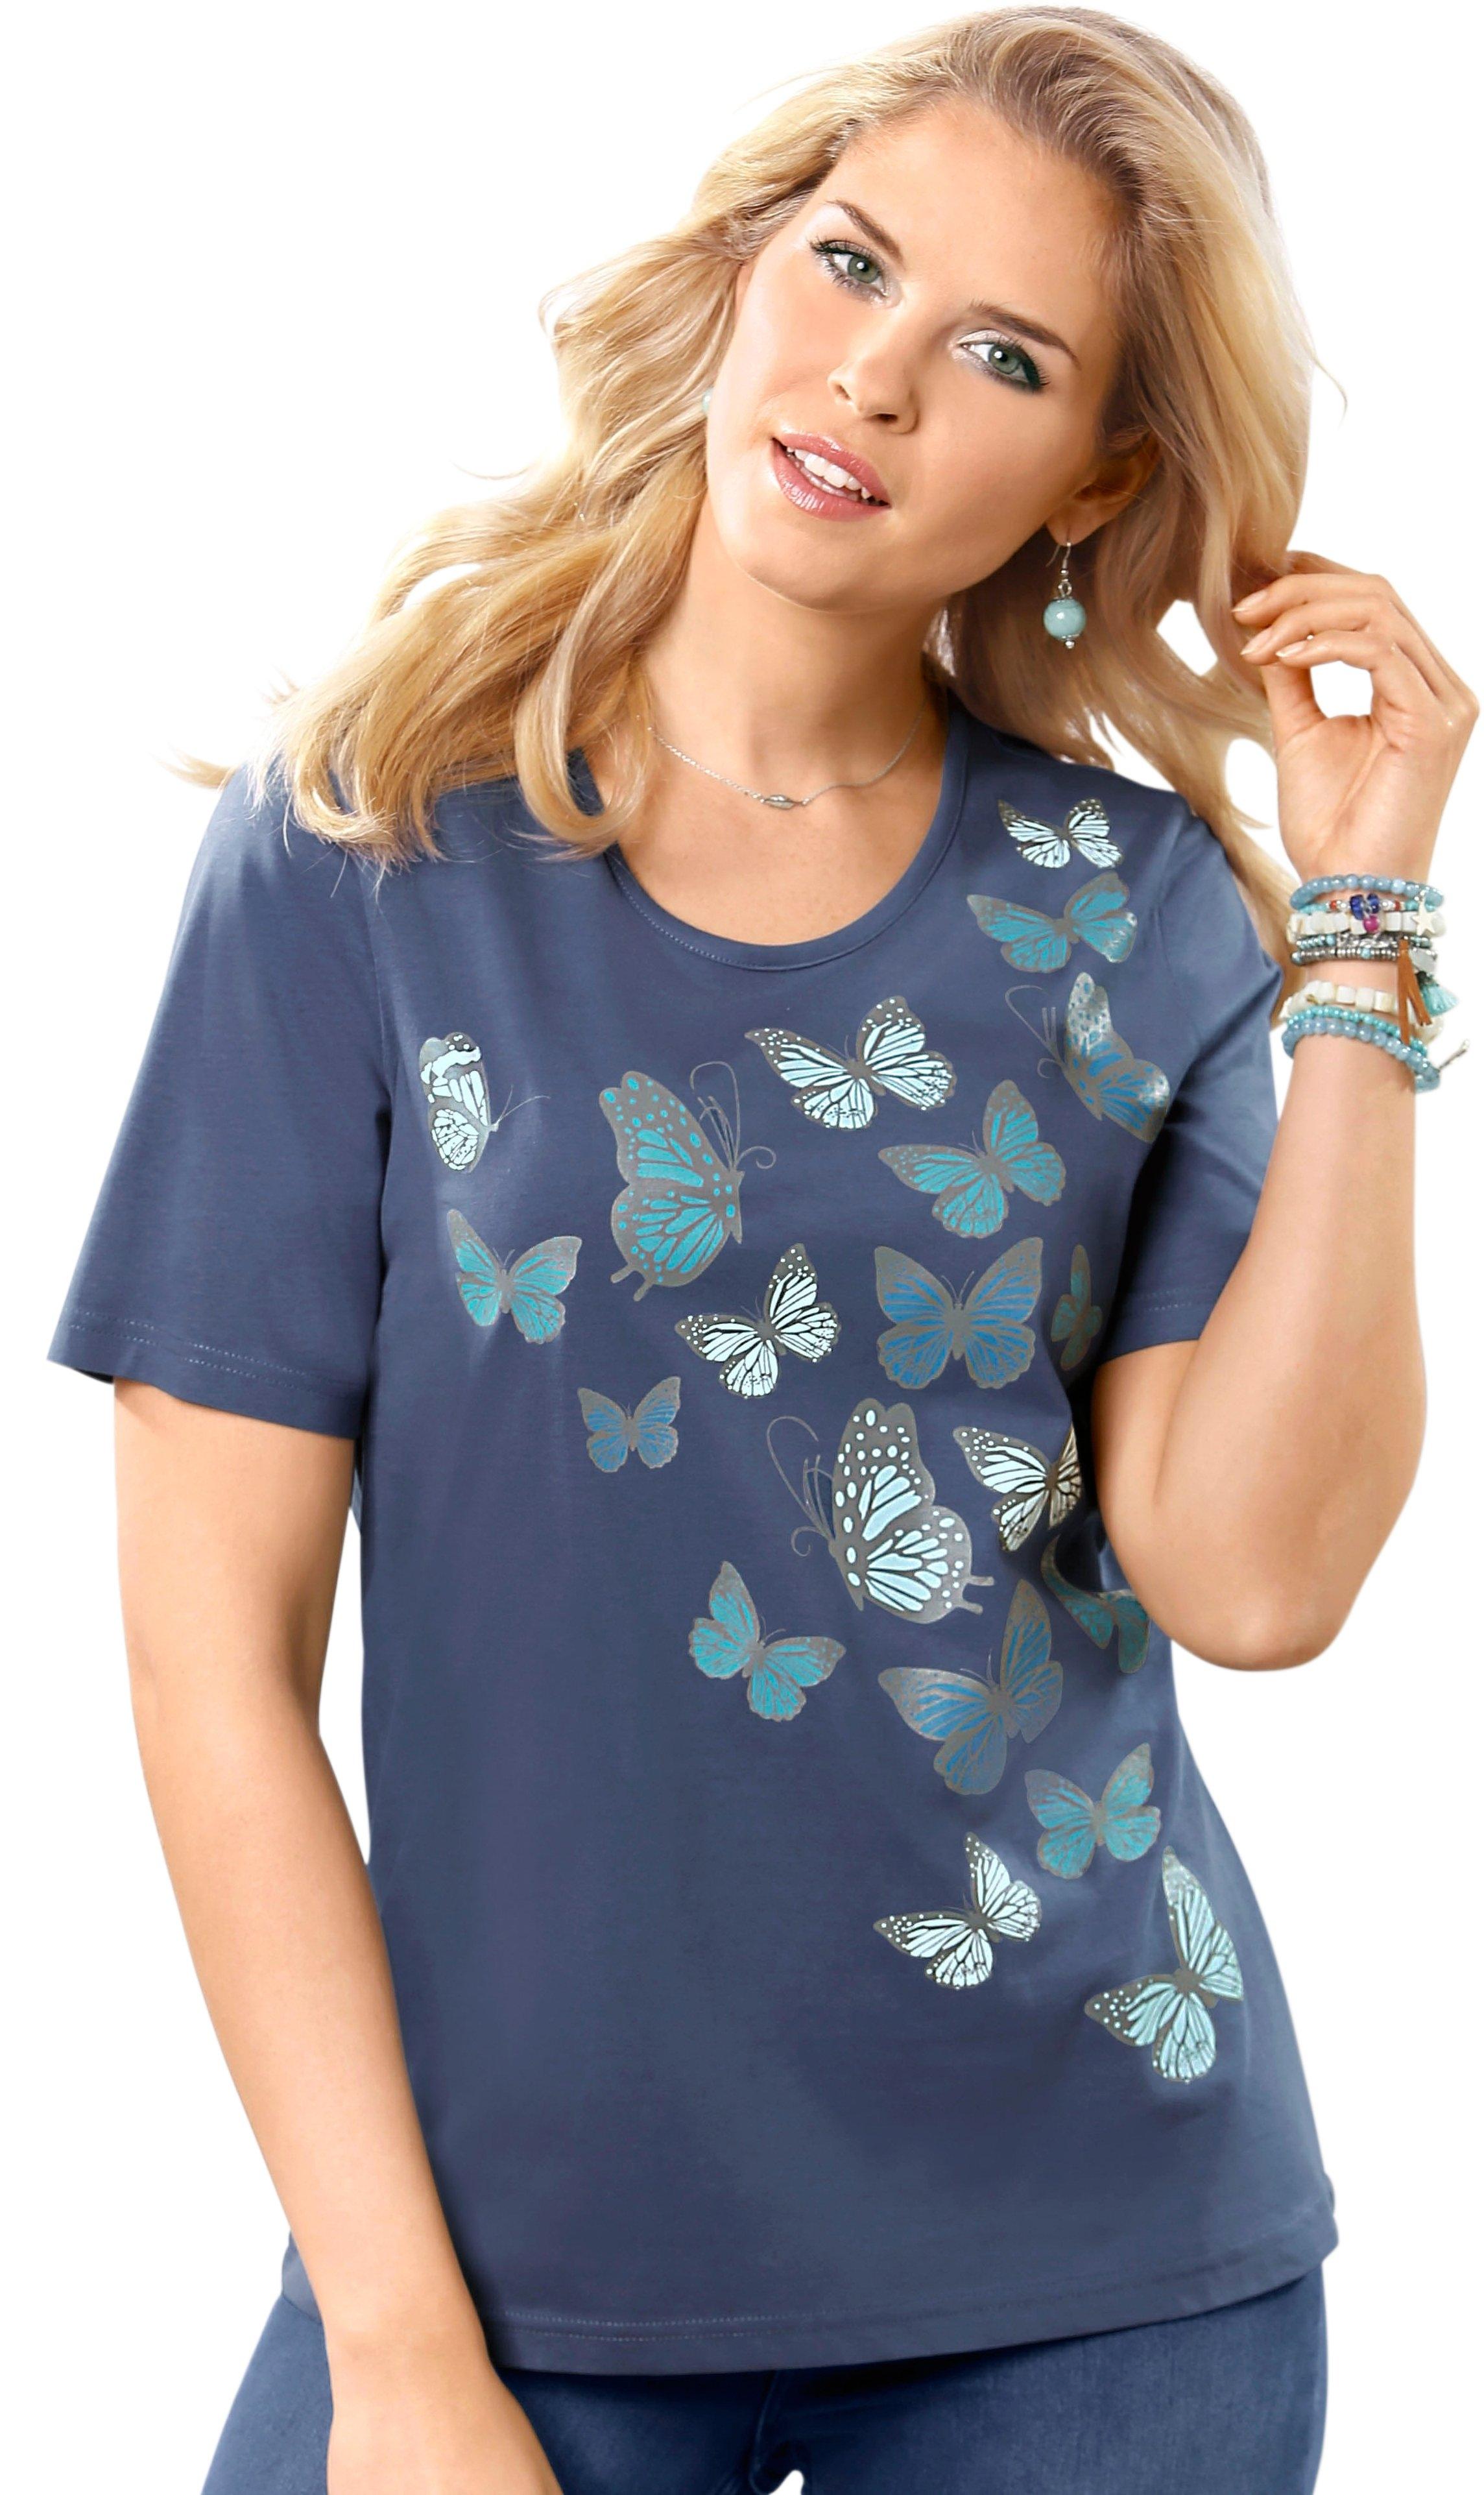 Met Vlinderprint Shirt Basics Shoppen Online Classic Mooie R34L5Aqj